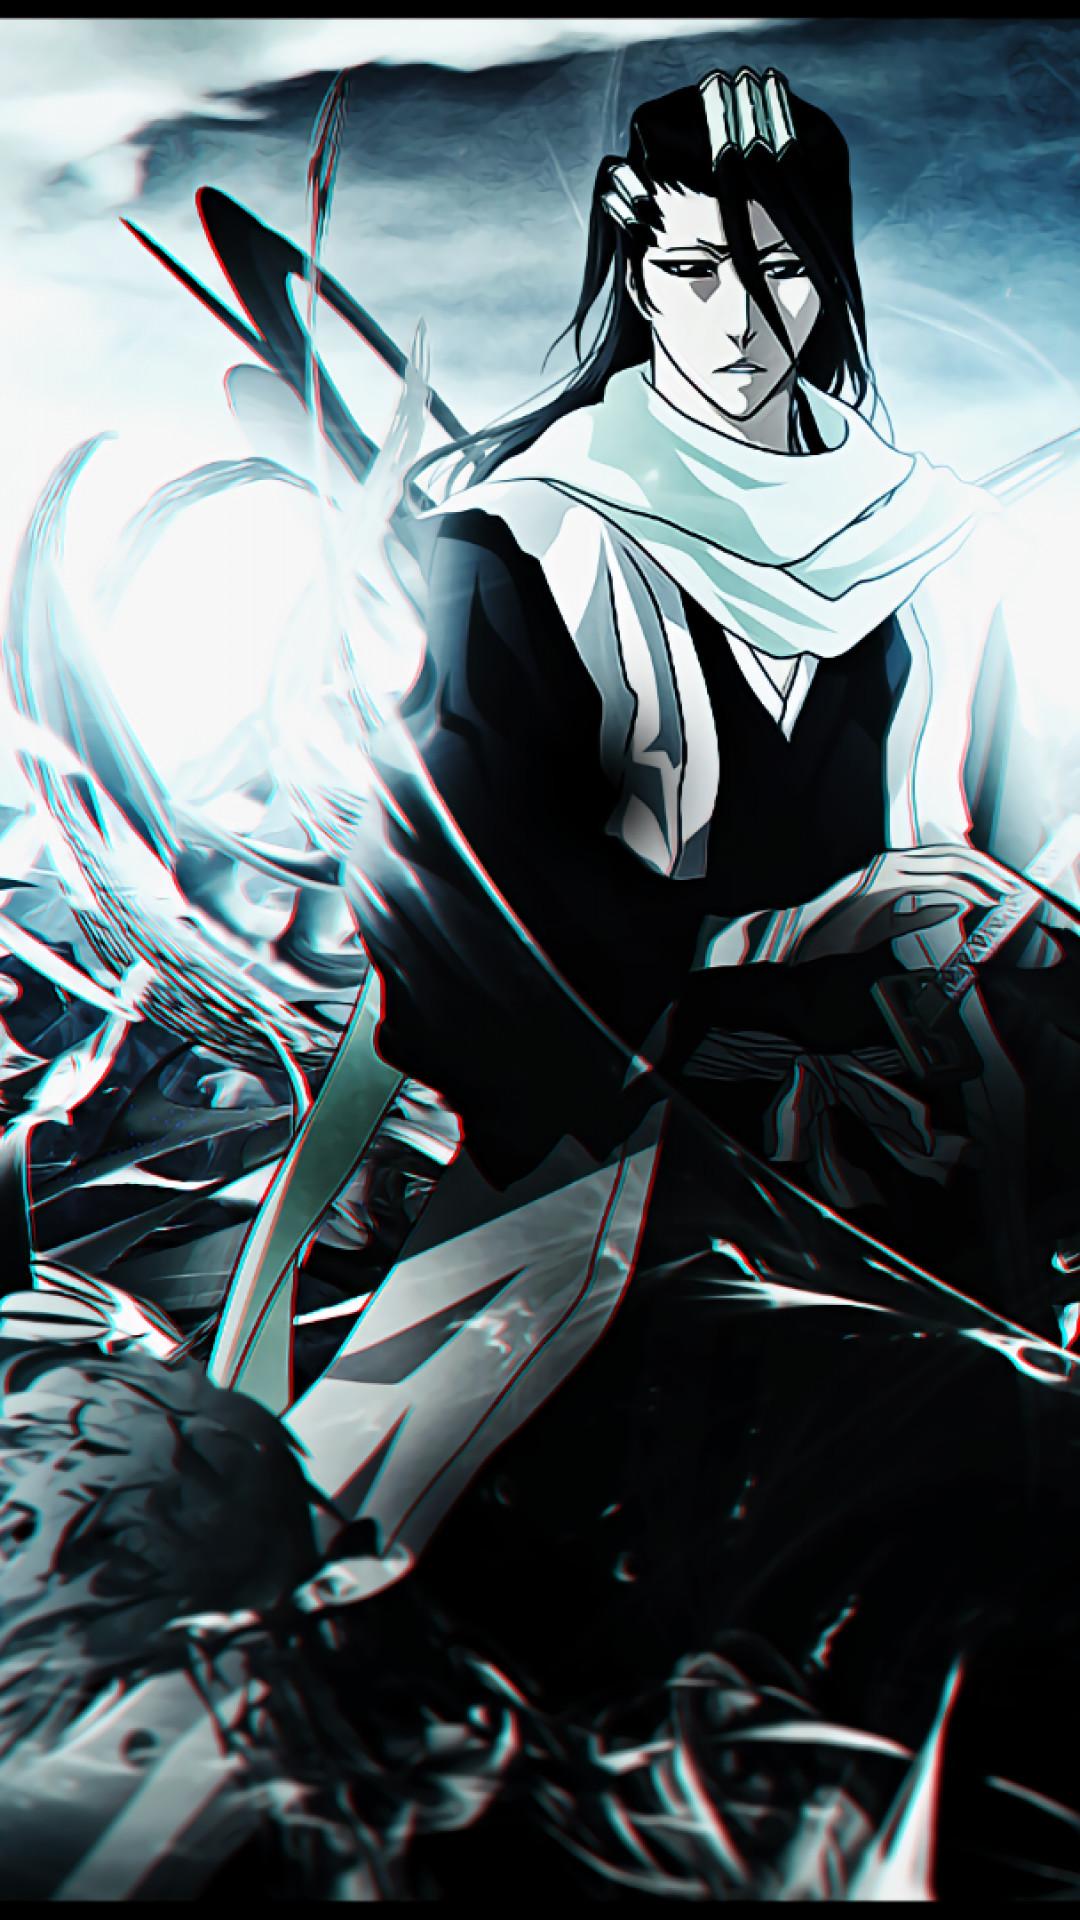 Bleach anime byakuya